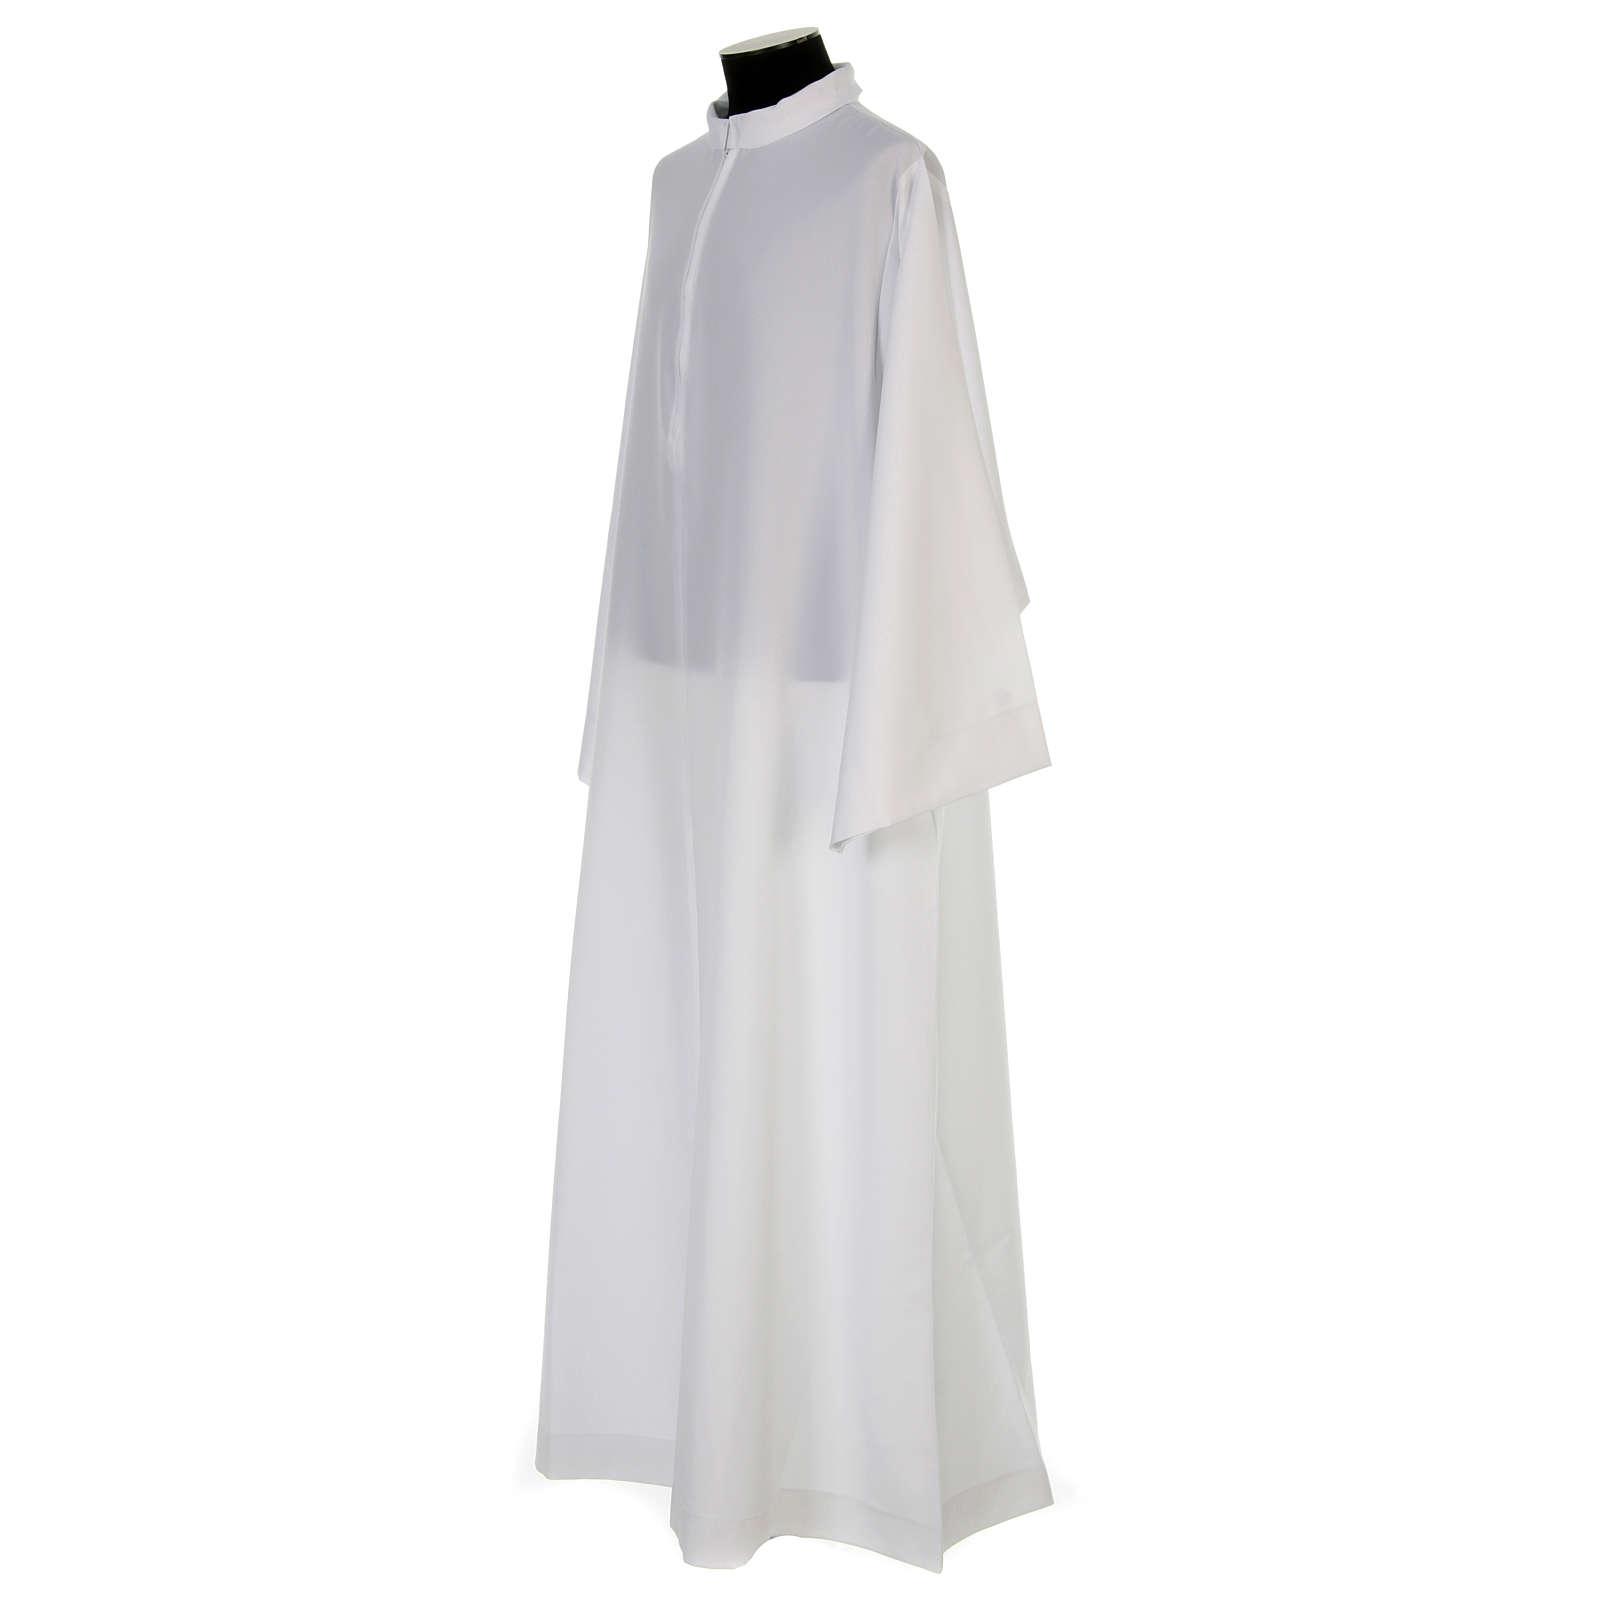 Camice bianco svasato con collettino risvoltato 100% poliestere 4